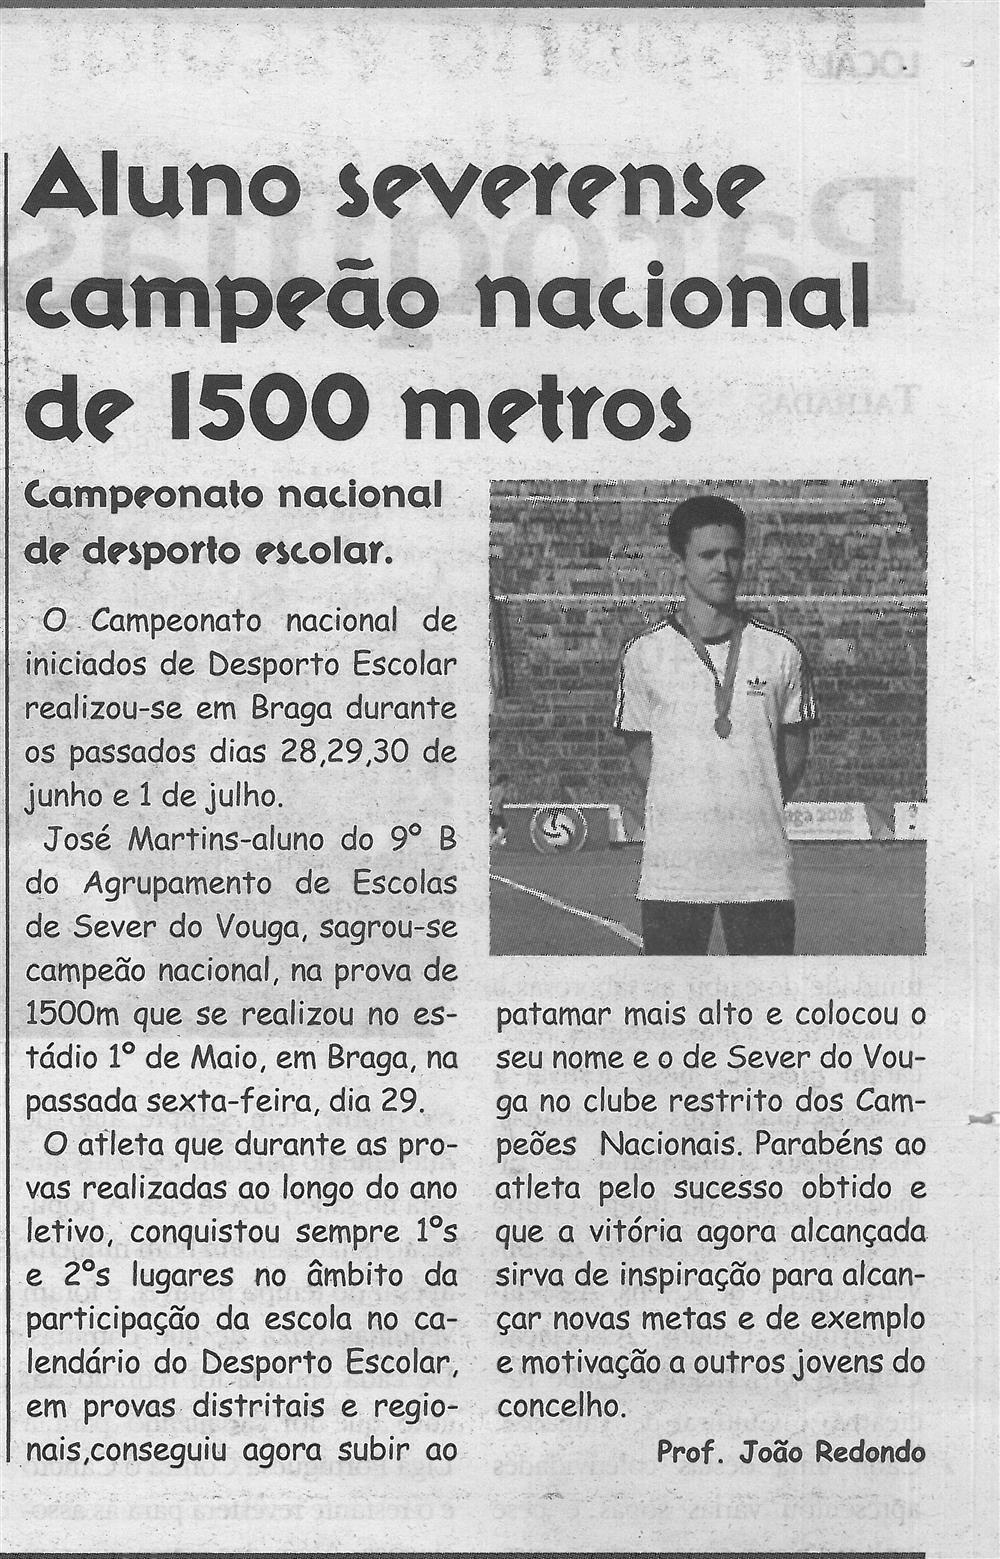 TV-jul.'18-p.13-Aluno severense campeão nacional de 1500 metros : campeonato nacional de desporto escolar.jpg